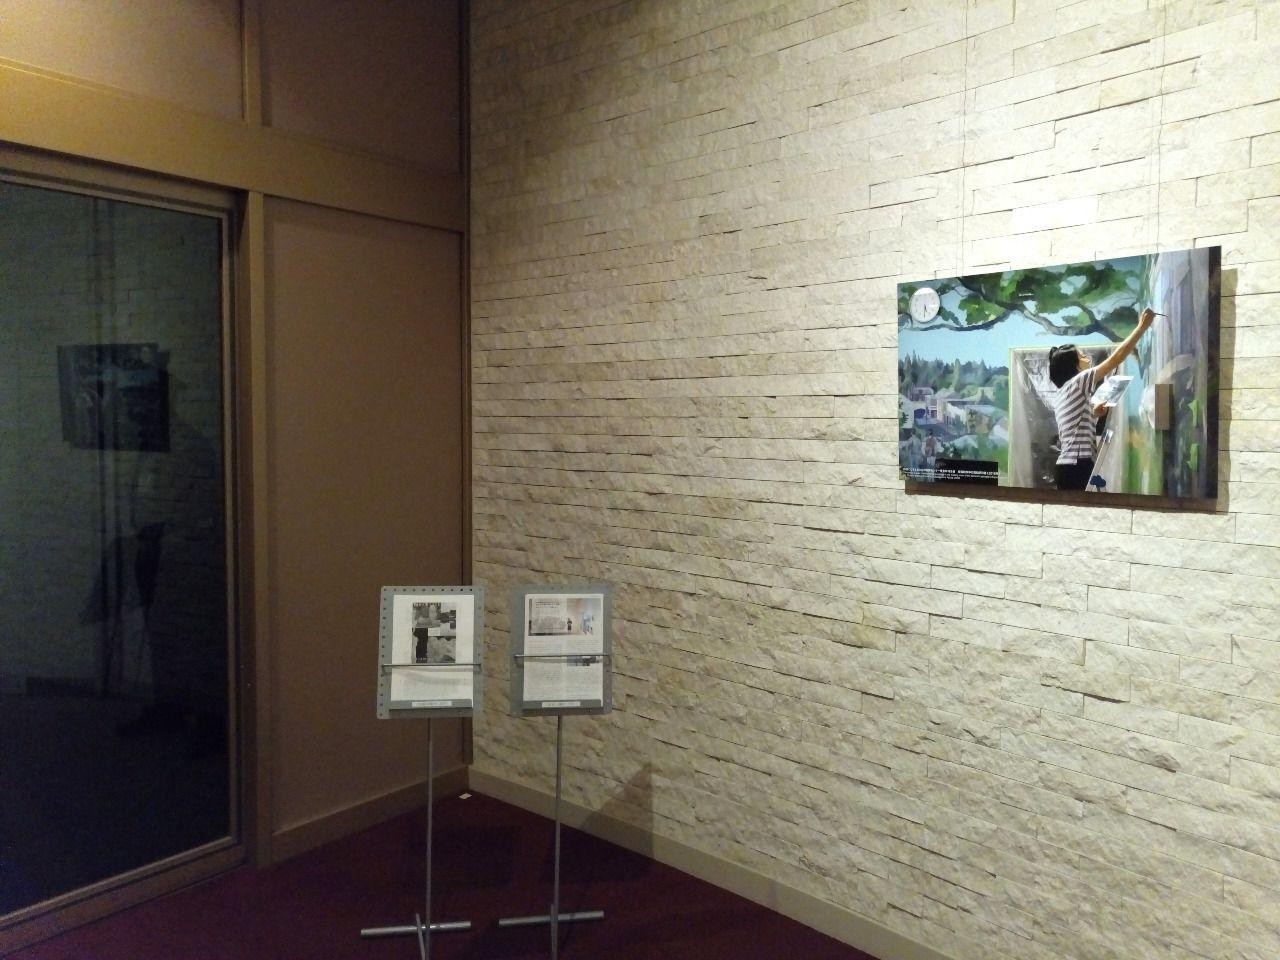 三鷹市美術ギャラリー 高松明日香展